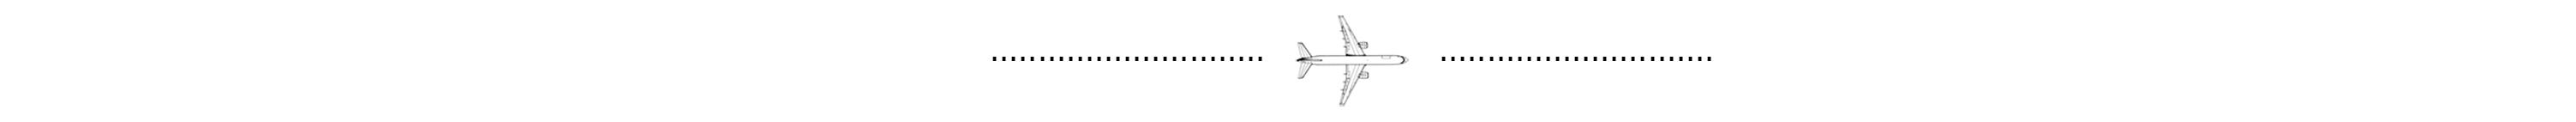 Plane Separator Image